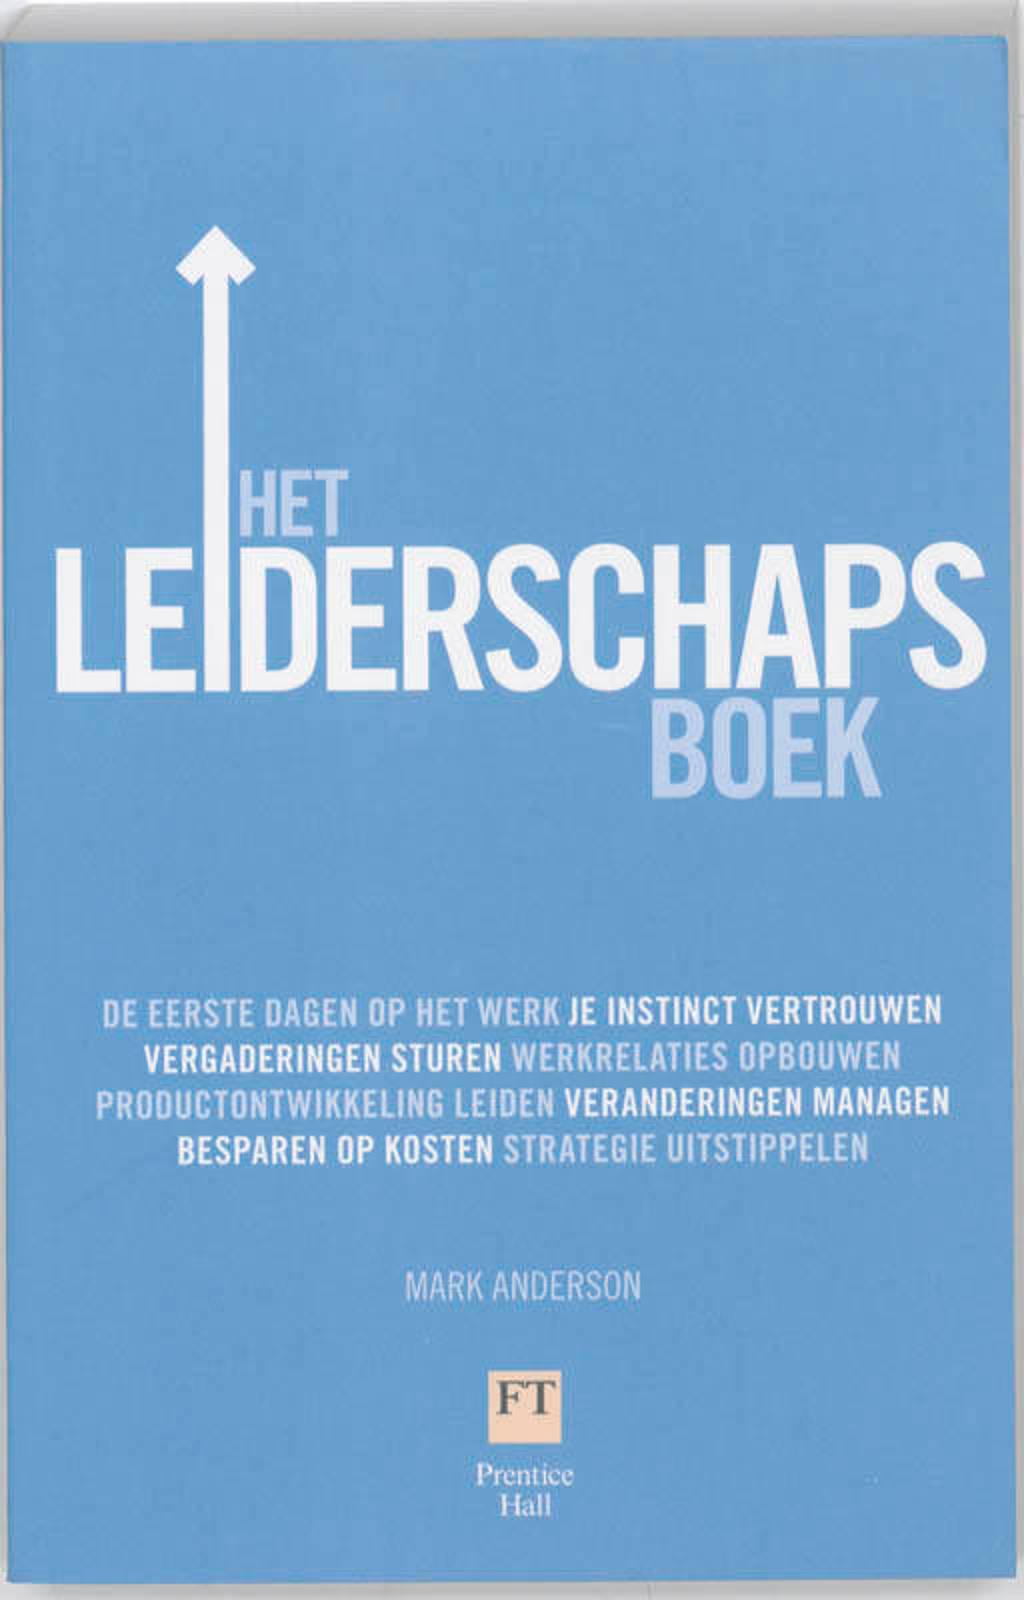 Het leiderschapsboek - Mark Anderson en